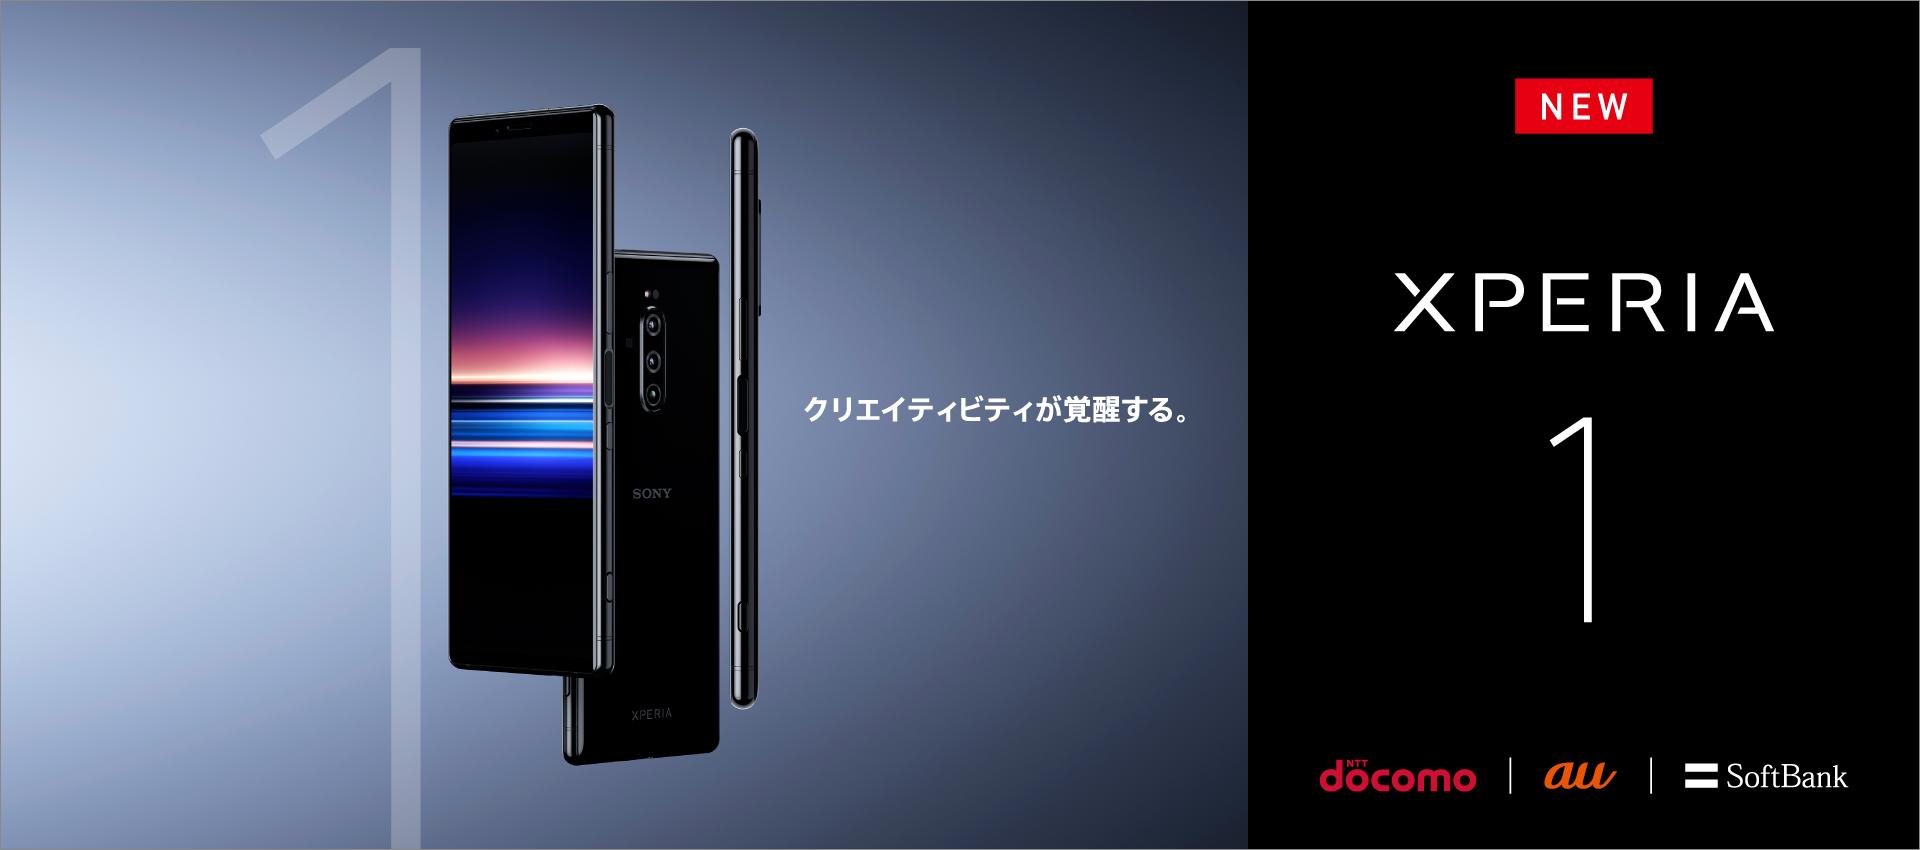 ドコモ2019年夏モデル「Xperia 1」の最新情報・スペックと発売時期